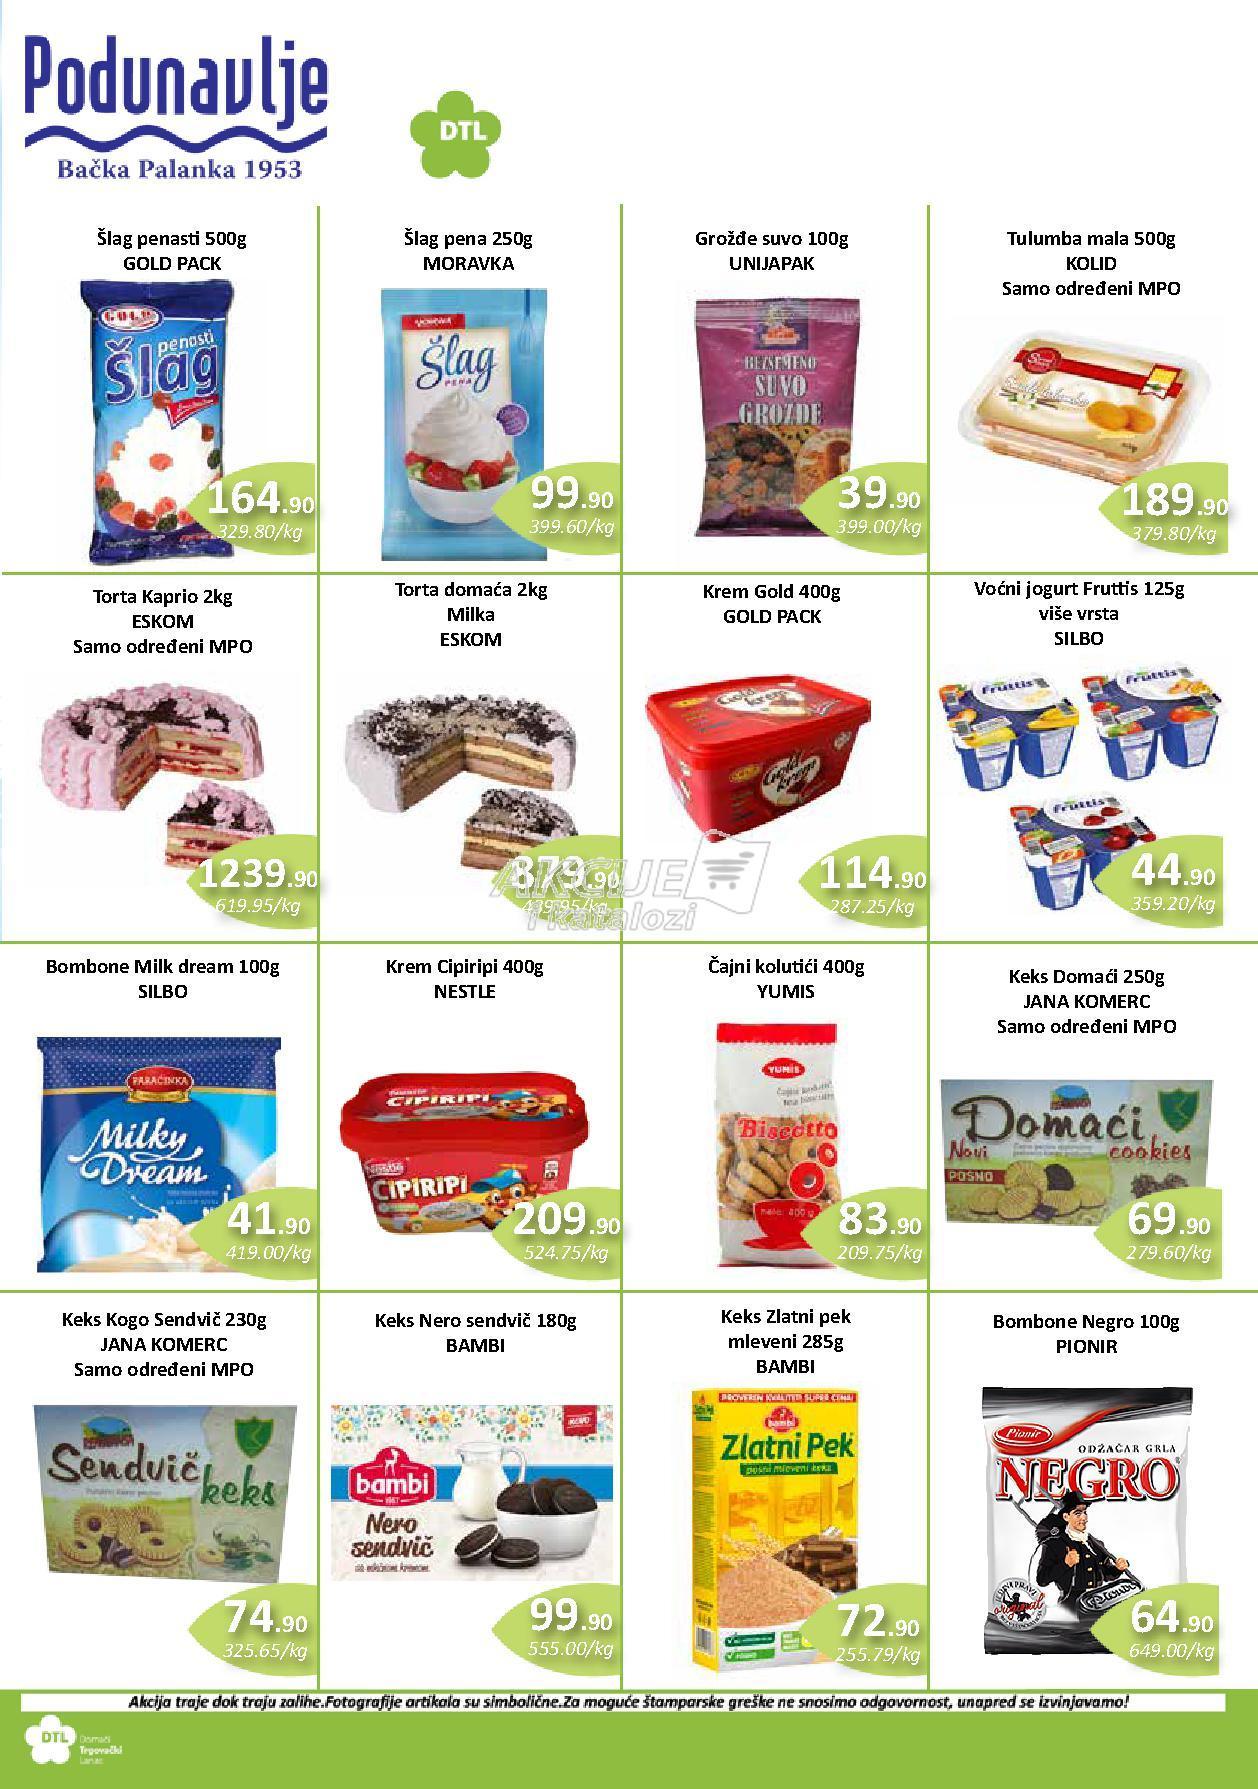 AD Podunavlje akcija odlične kupovine